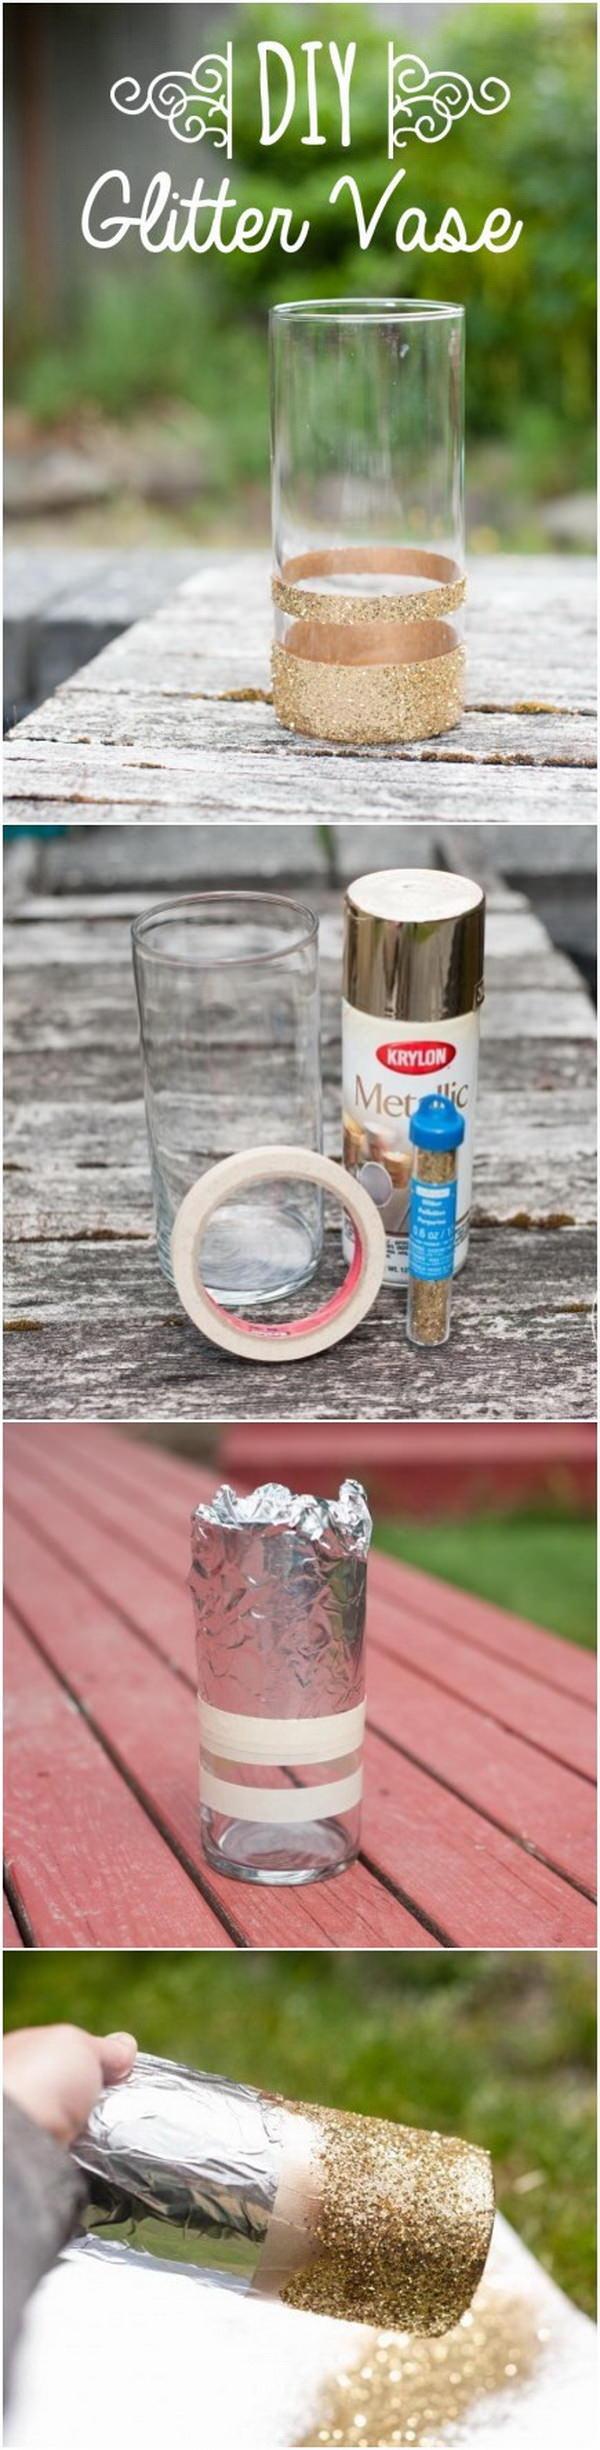 3. Glitter Vase